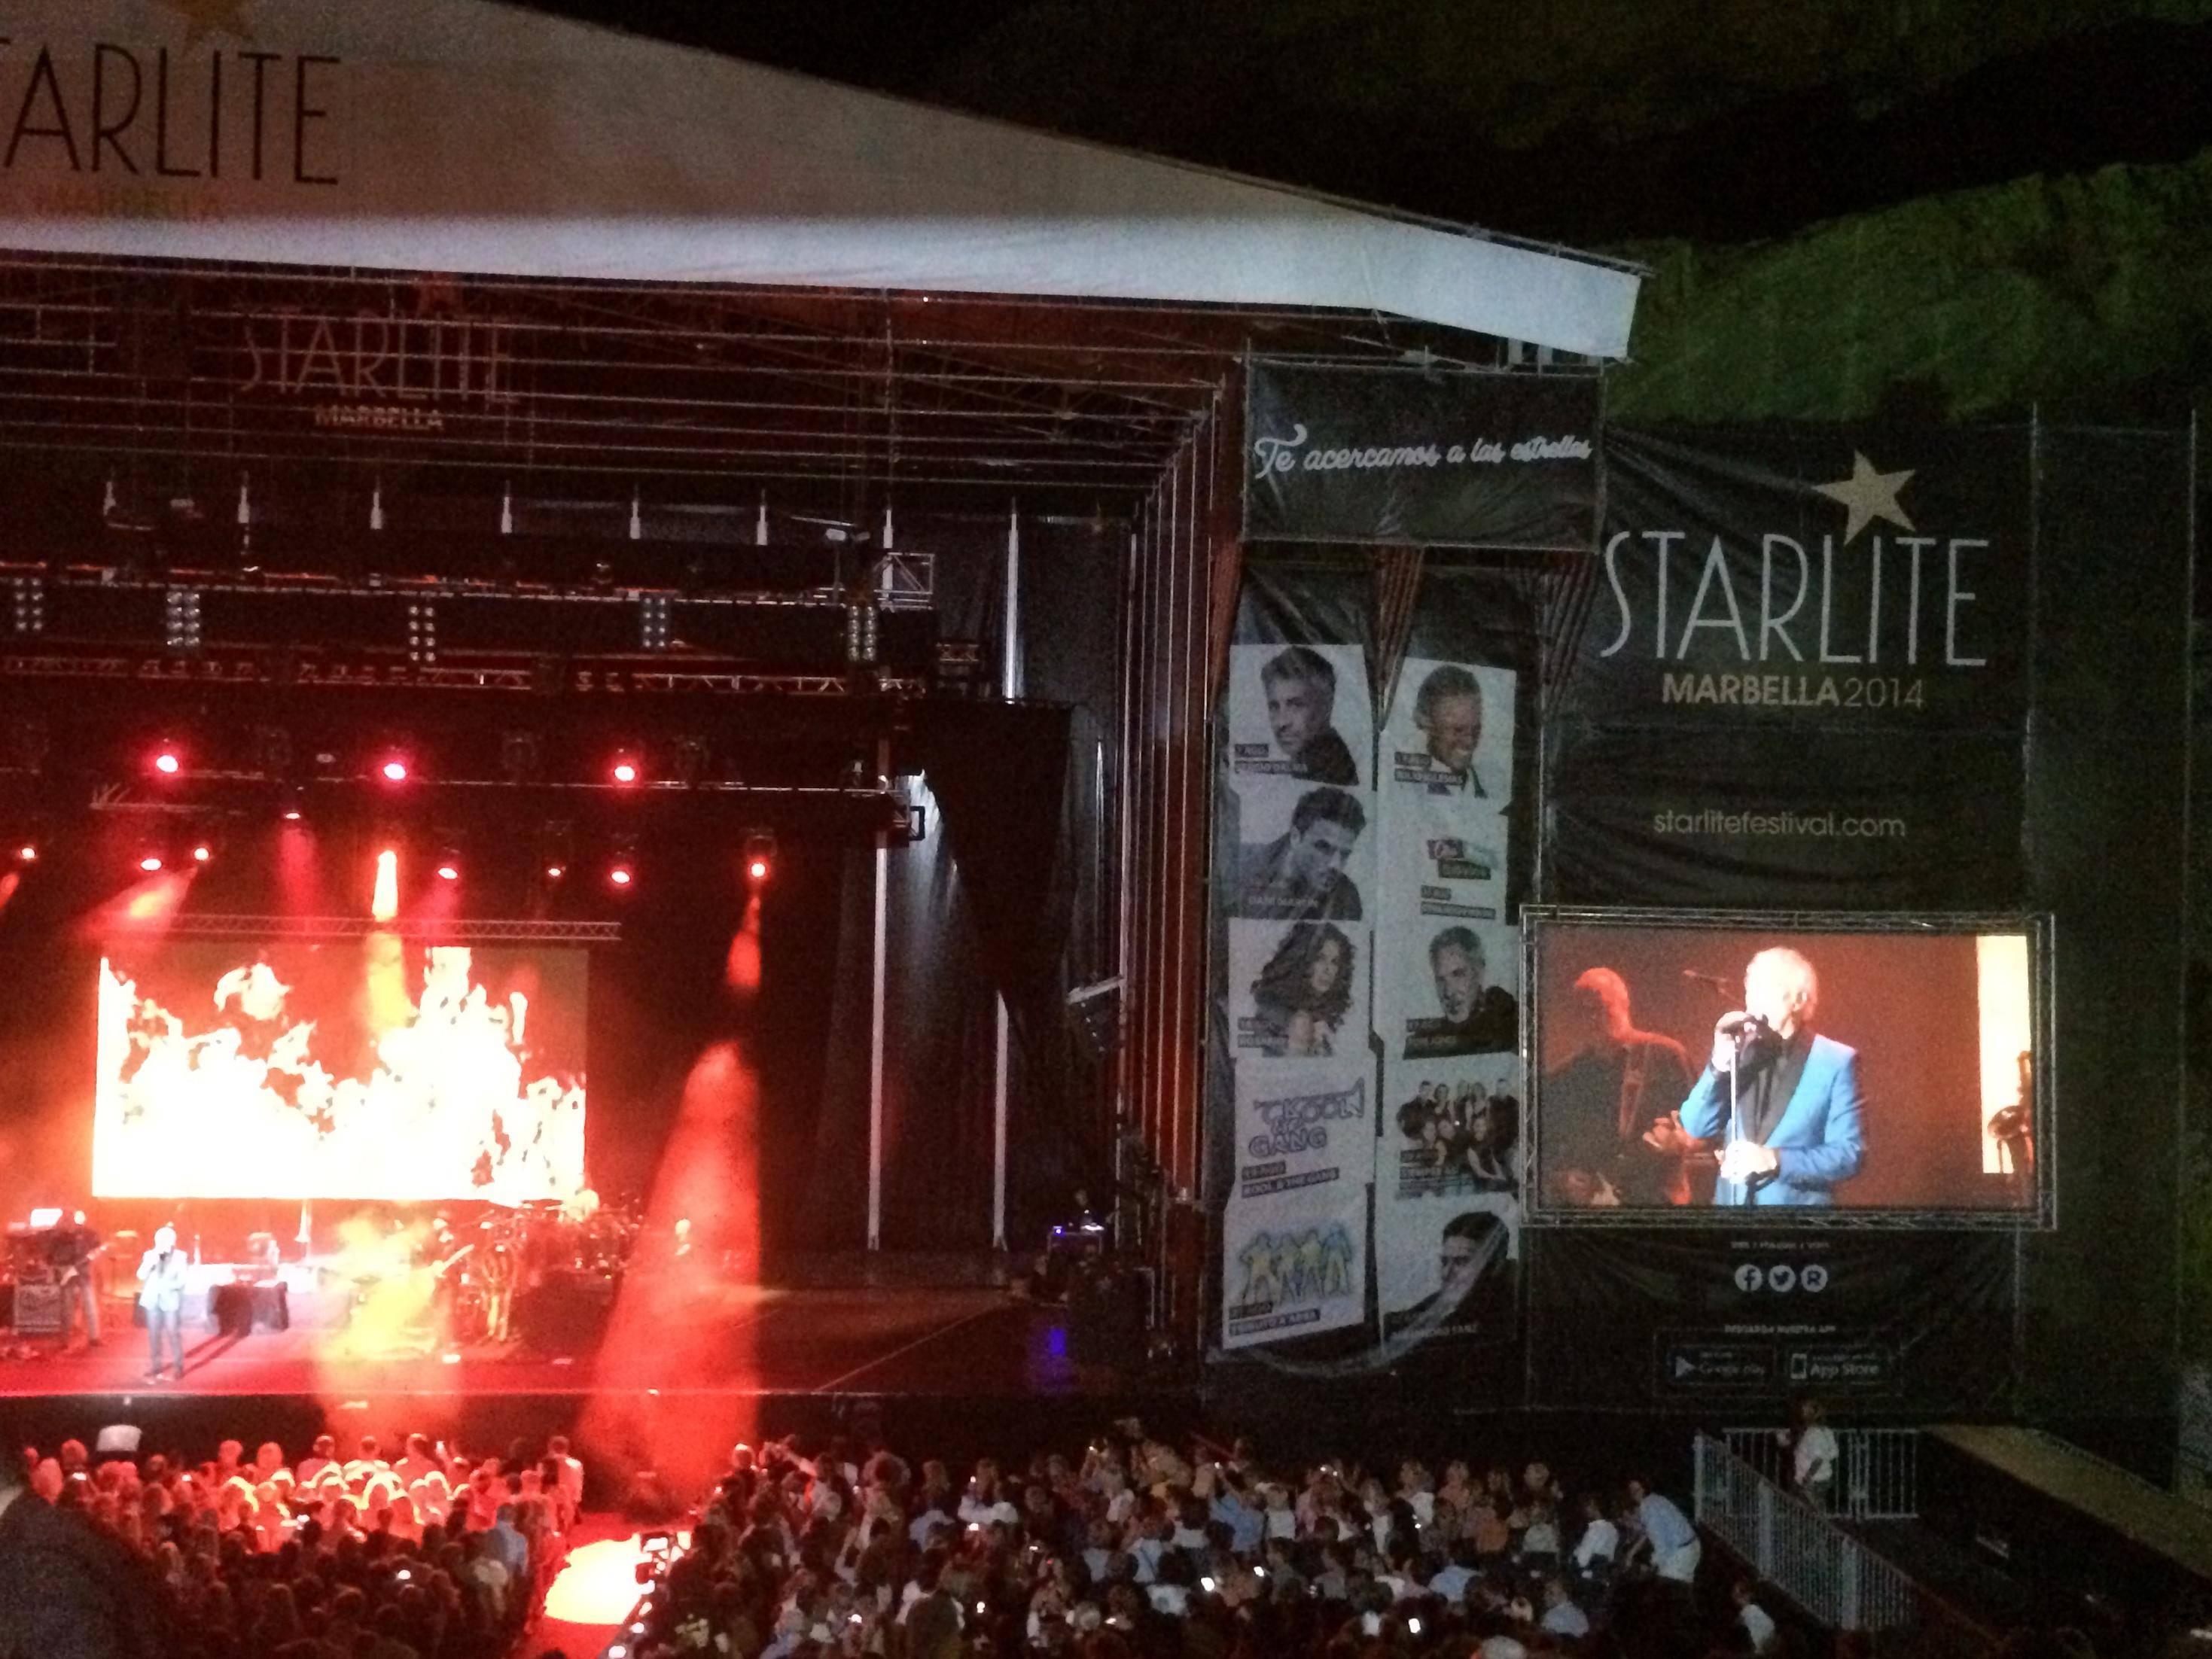 Starlite Festival Marbella 2014